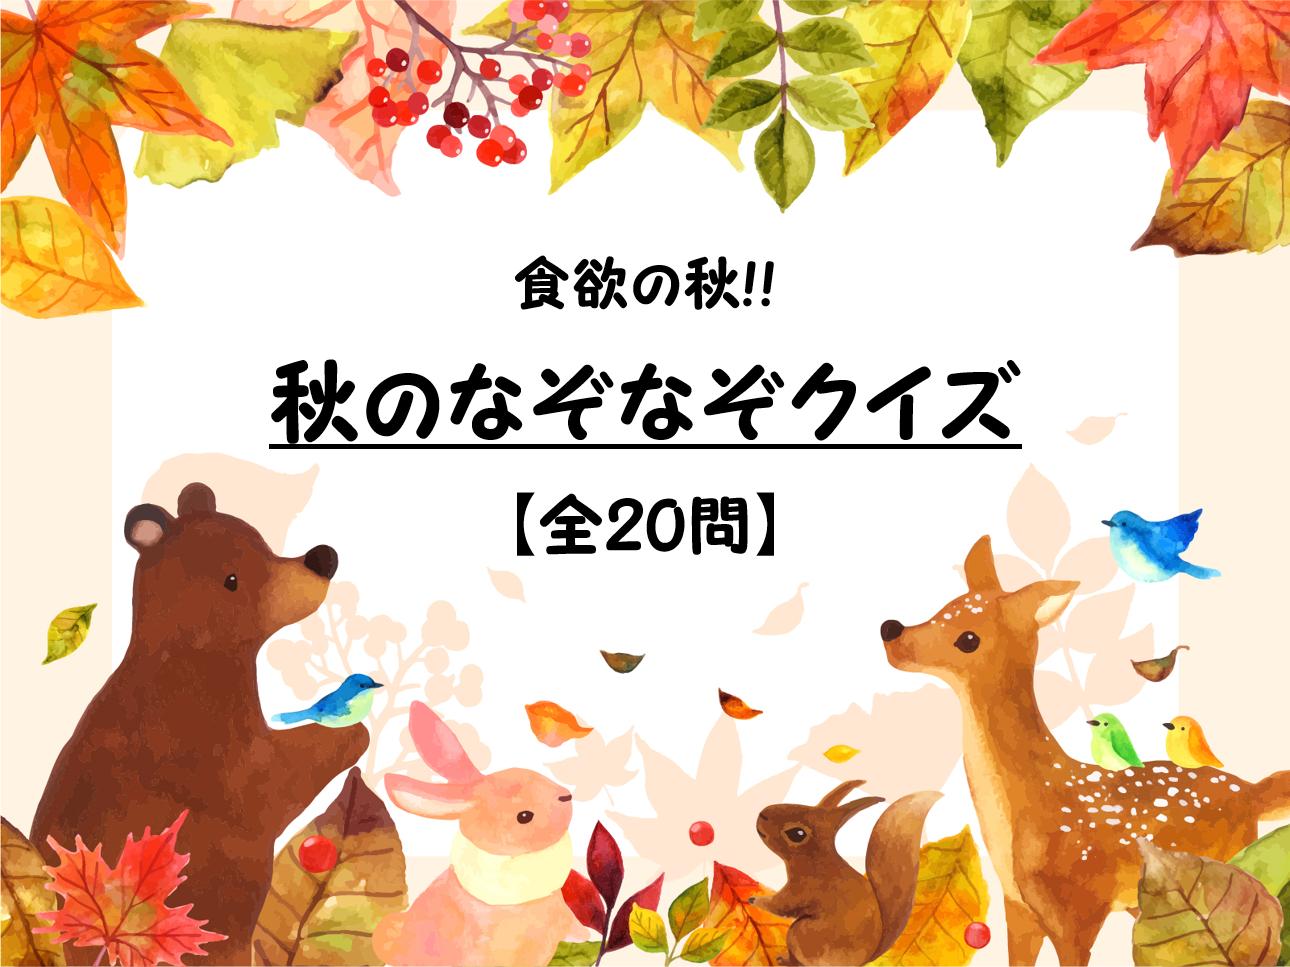 【秋のなぞなぞ 20問】食欲の秋!!簡単なクイズ問題で脳トレ!